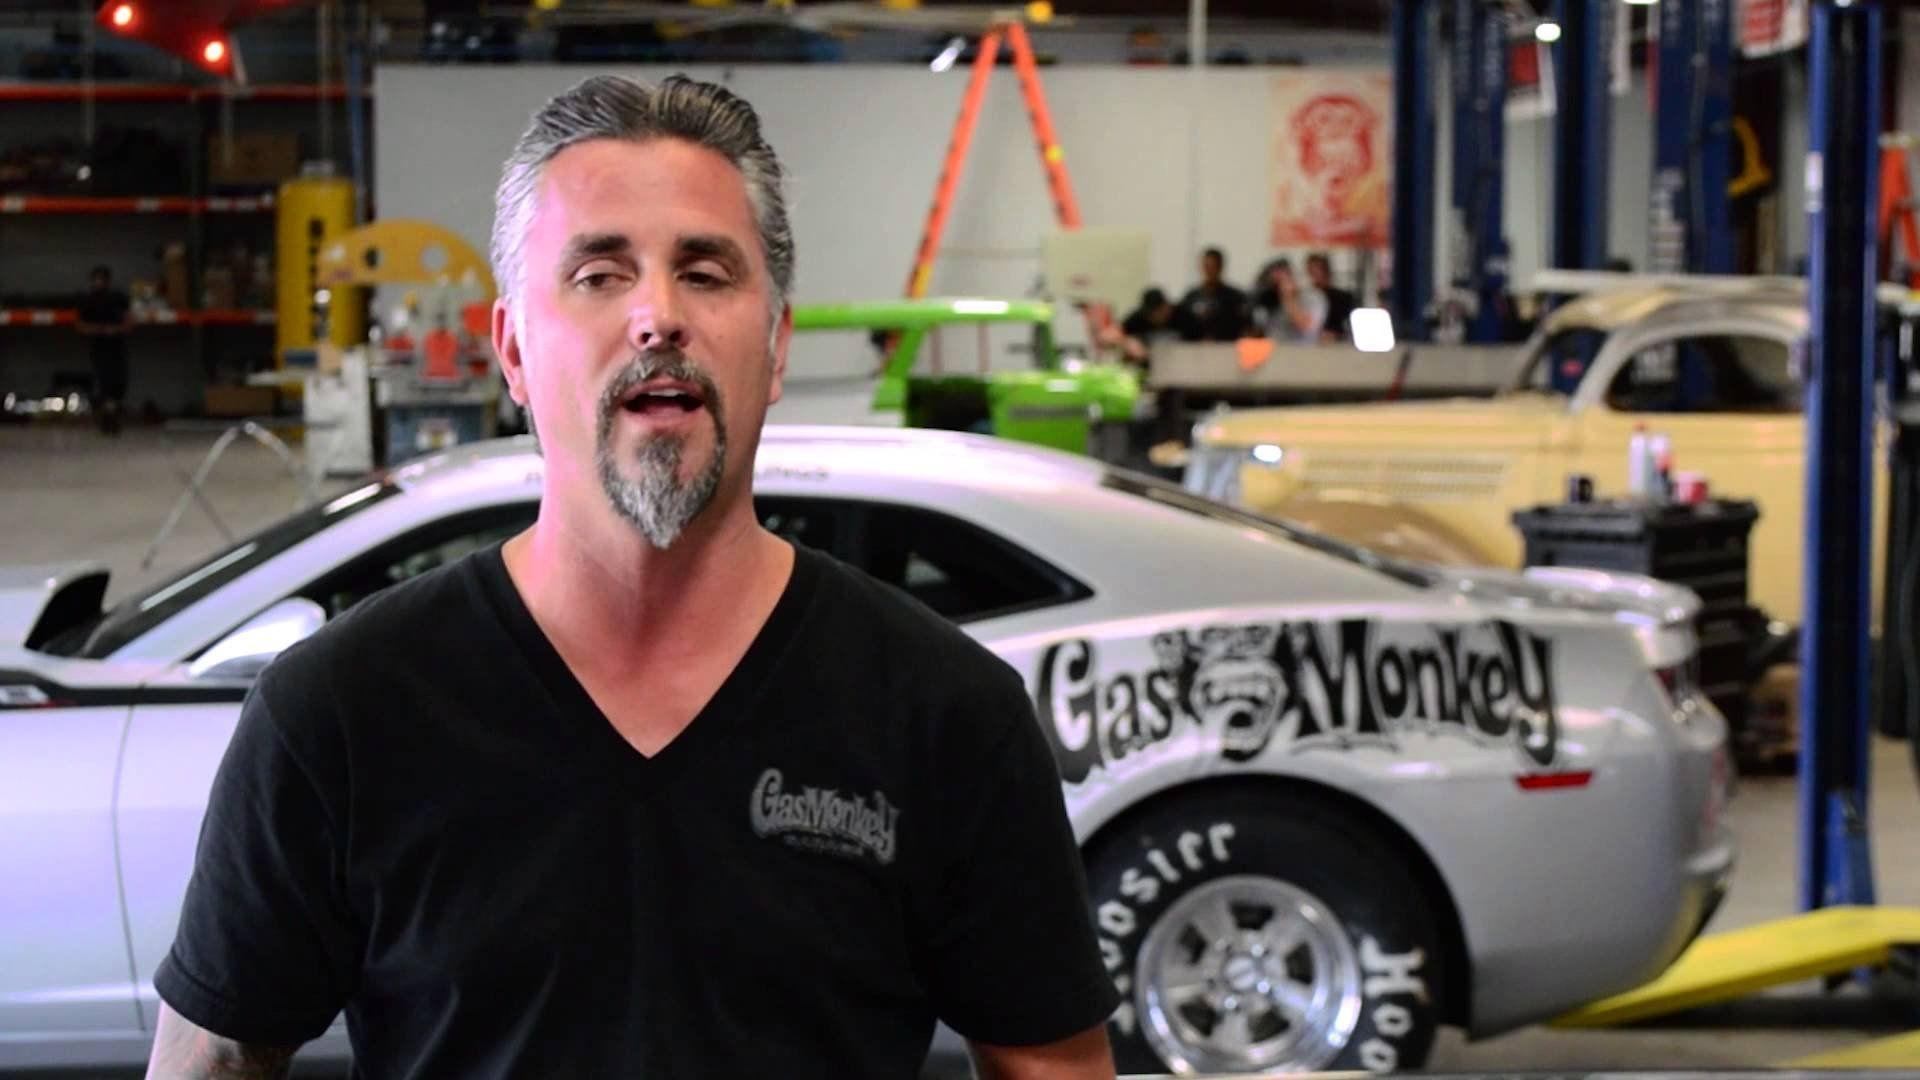 Grease Monkey Garage Http The Garage Floor Online Grease Monkey Garage 7330 17 12 Html